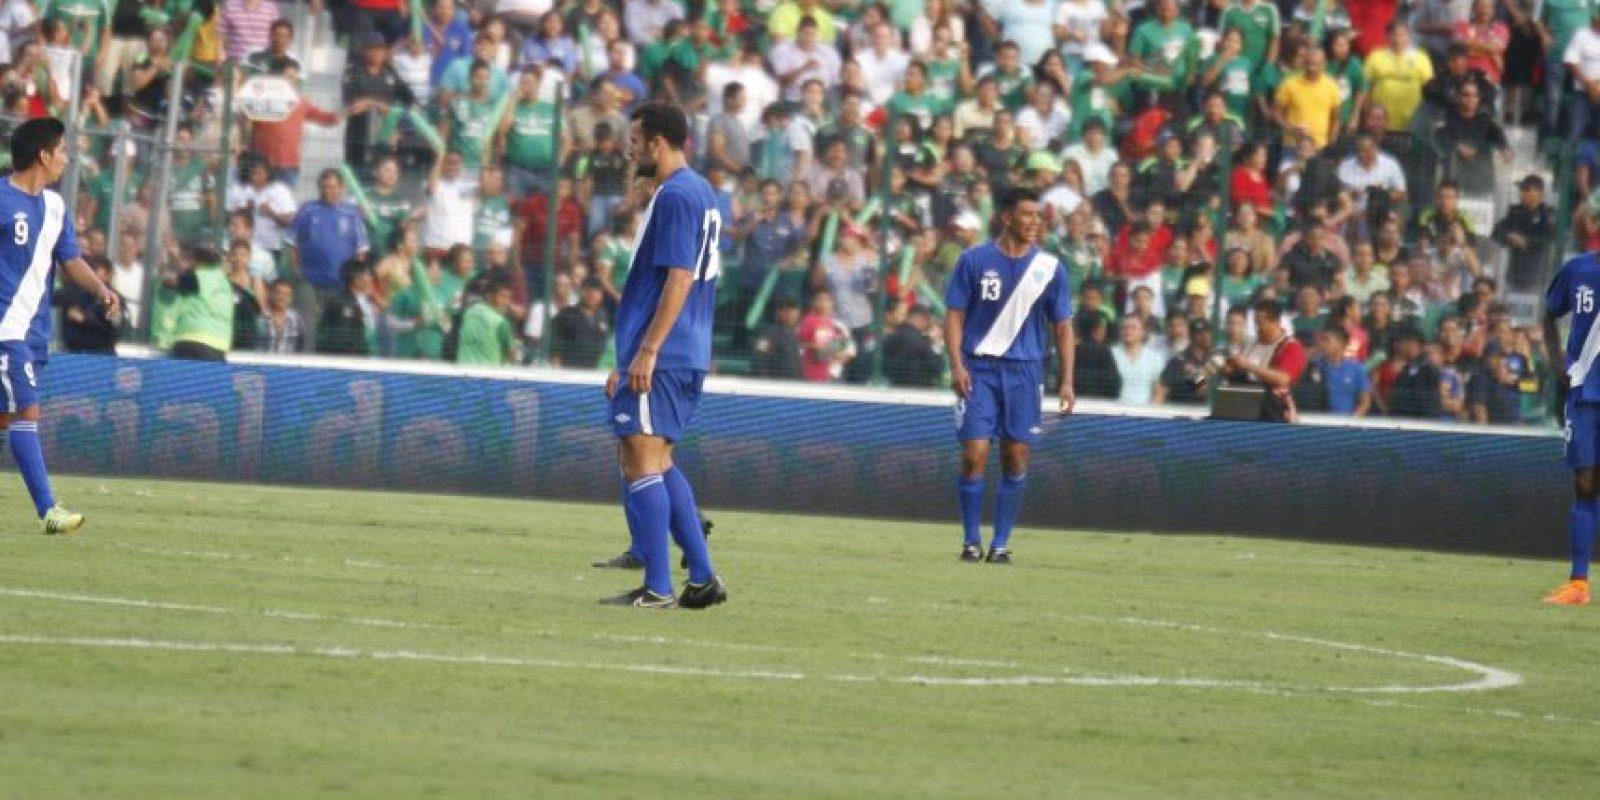 La bicolor está obligada a remontar en el partido de vuelta que se jugará el martes. Foto:Publinews – Archivo